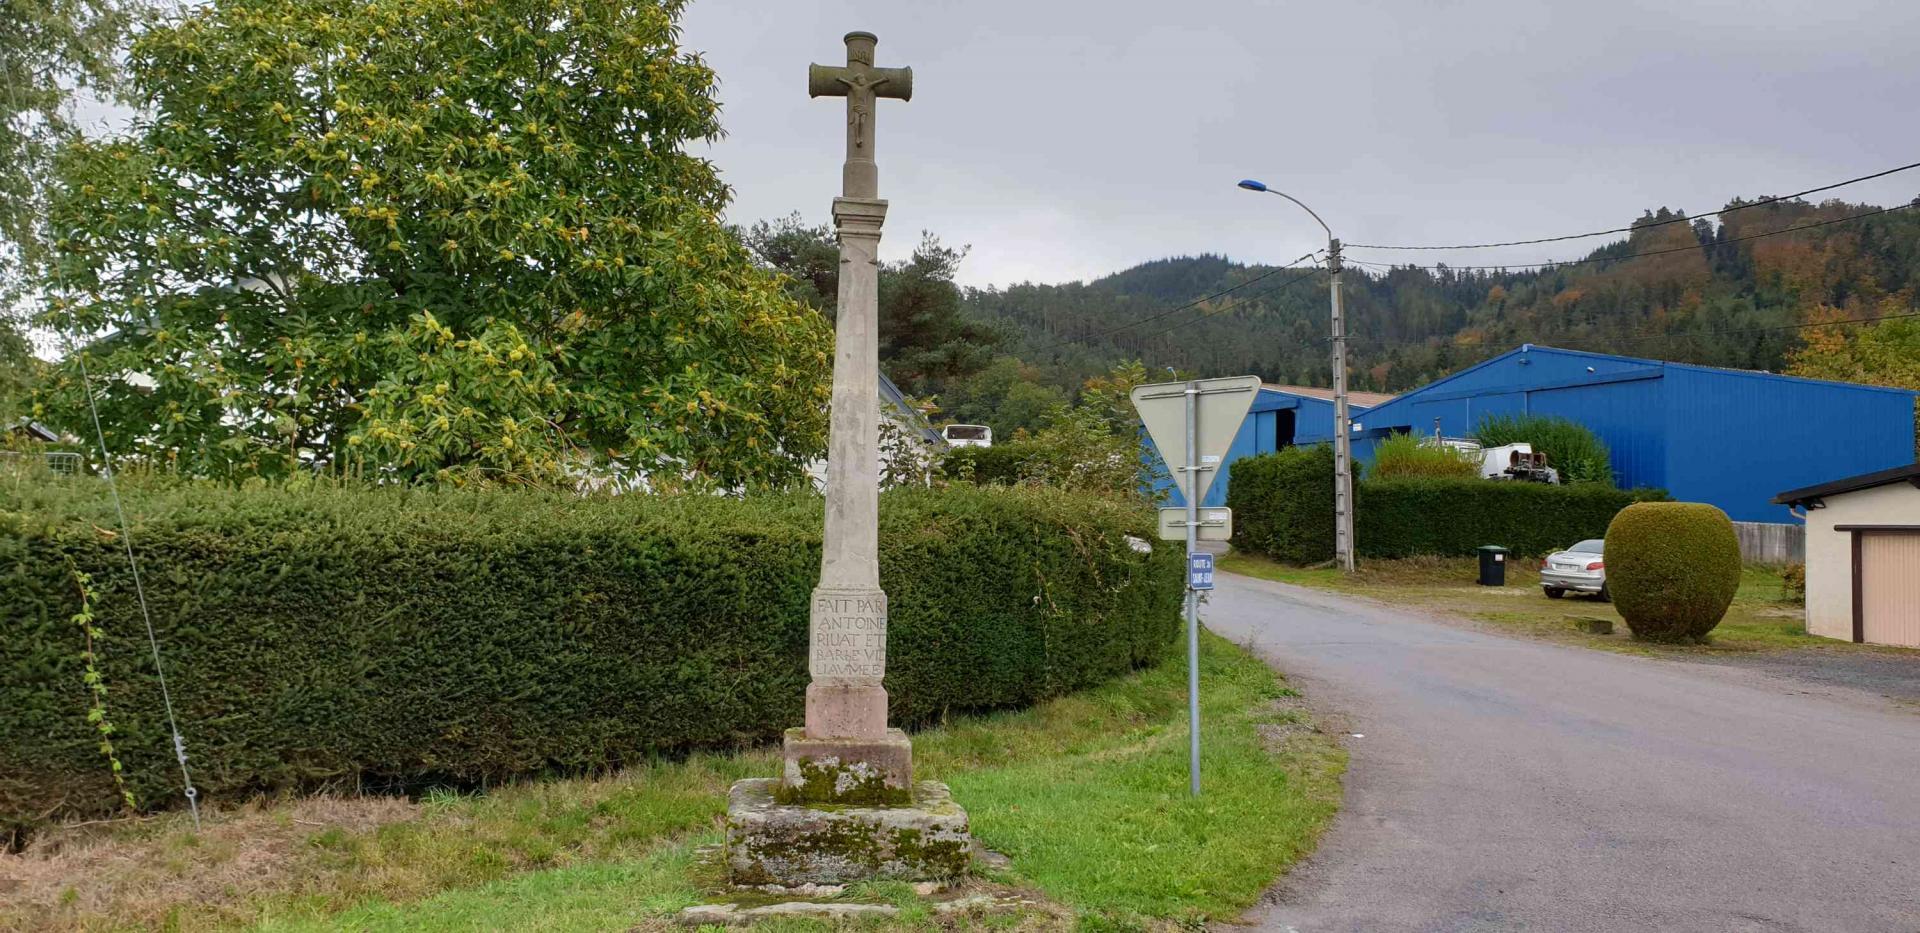 Croix route de bouzaye